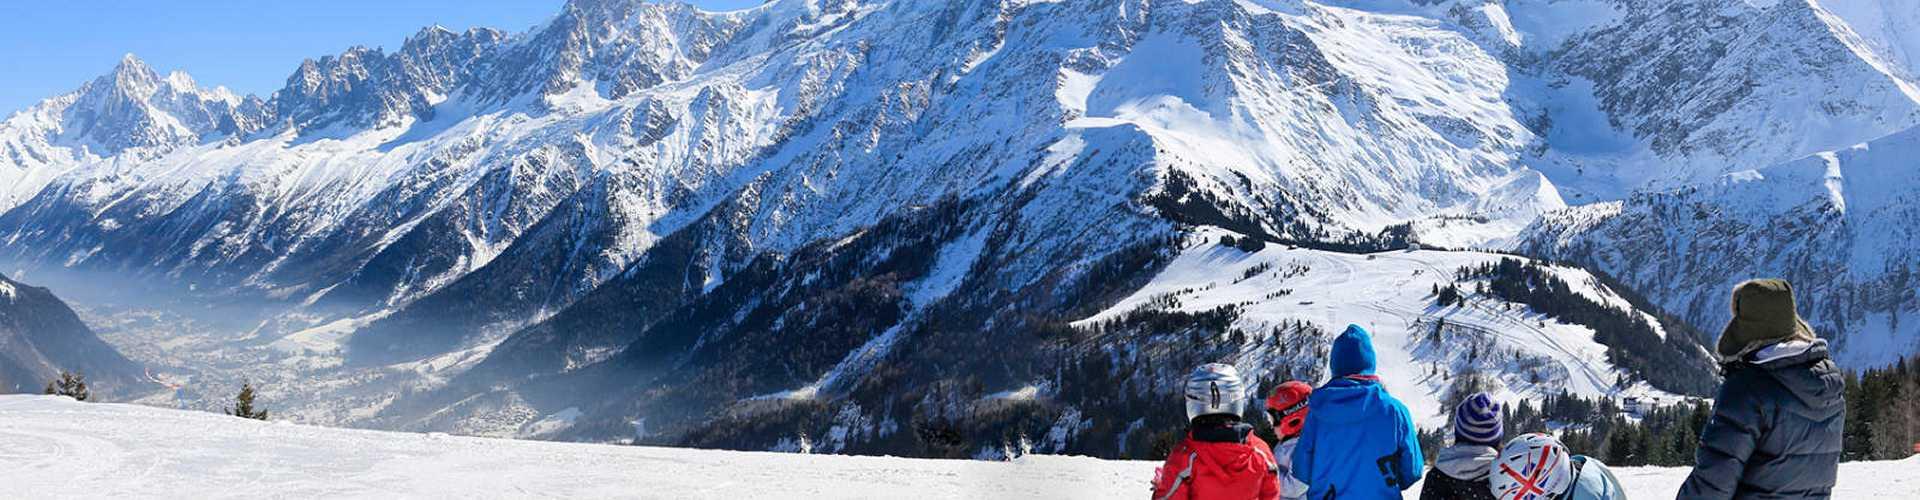 Skireisen für Langlauf-Fans